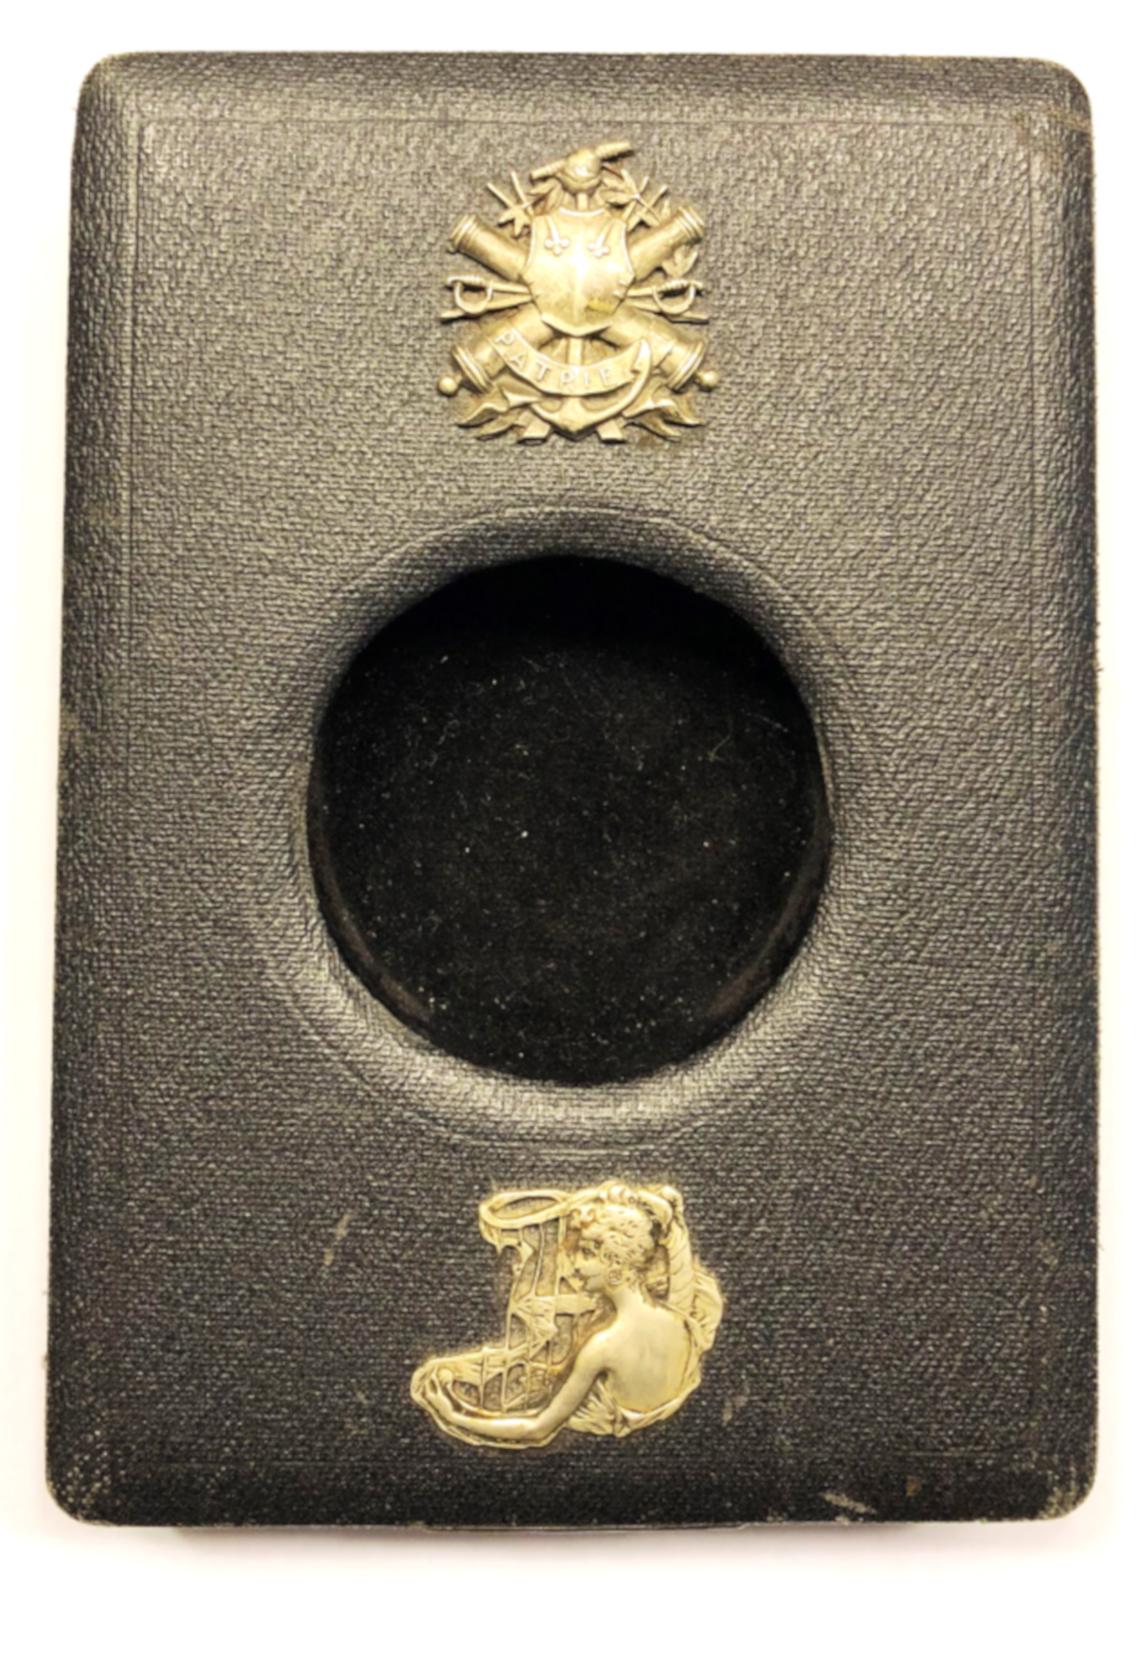 Caja-marco porta reloj de bolsillo para viaje \'PATRIE\' | Museo ...